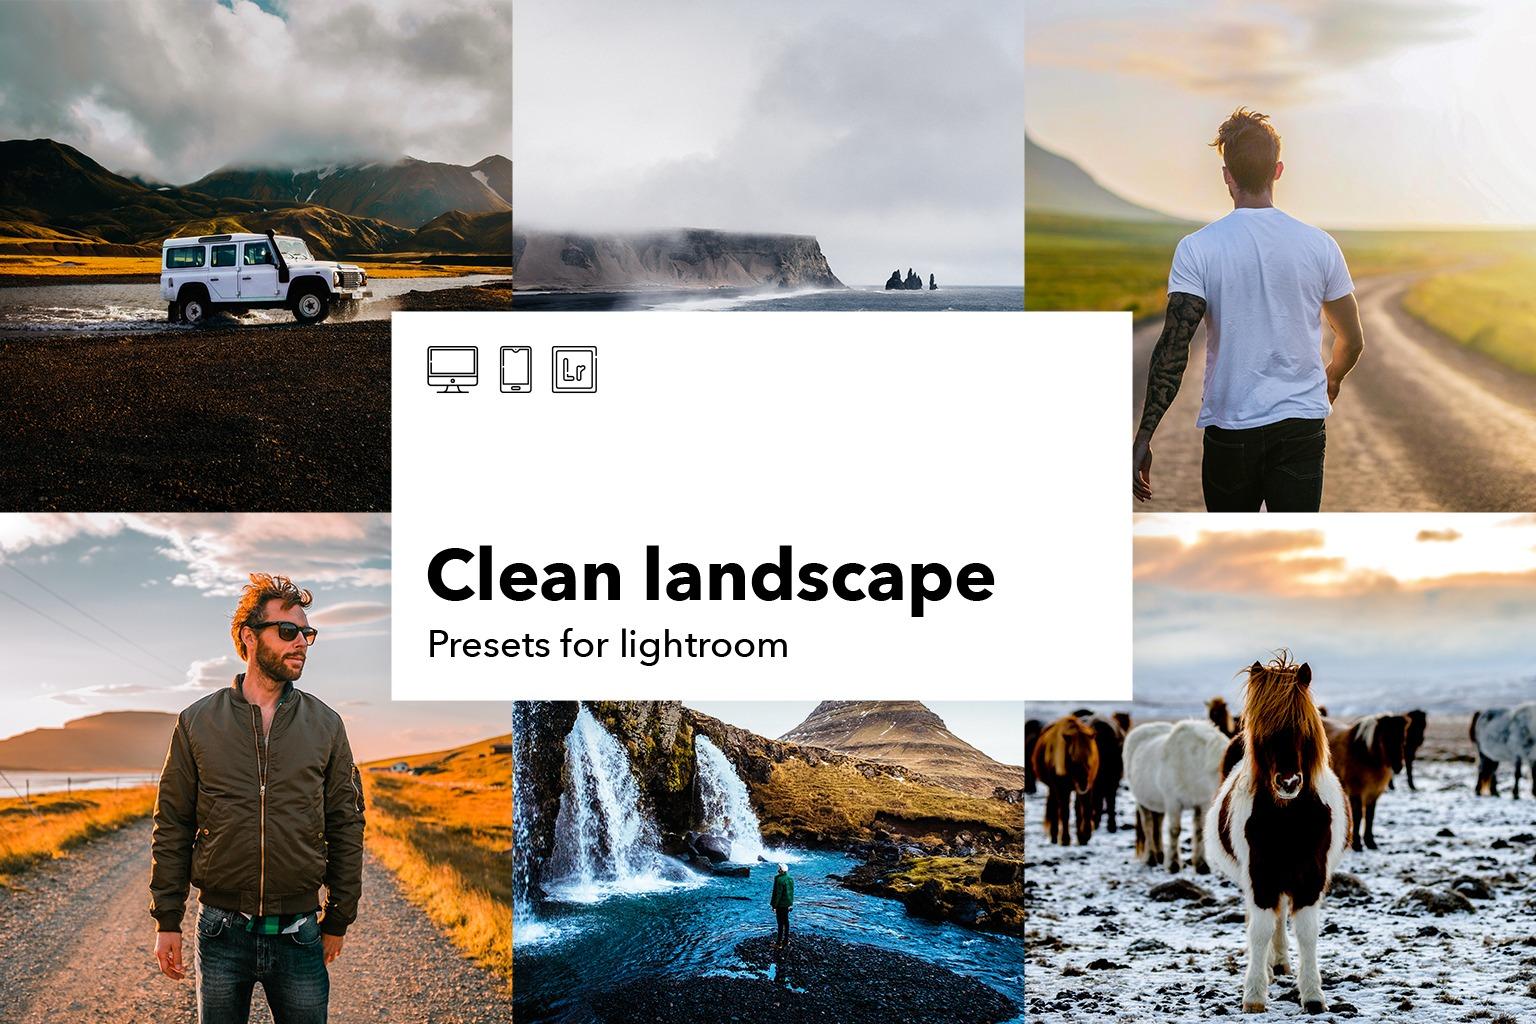 Clean landscape